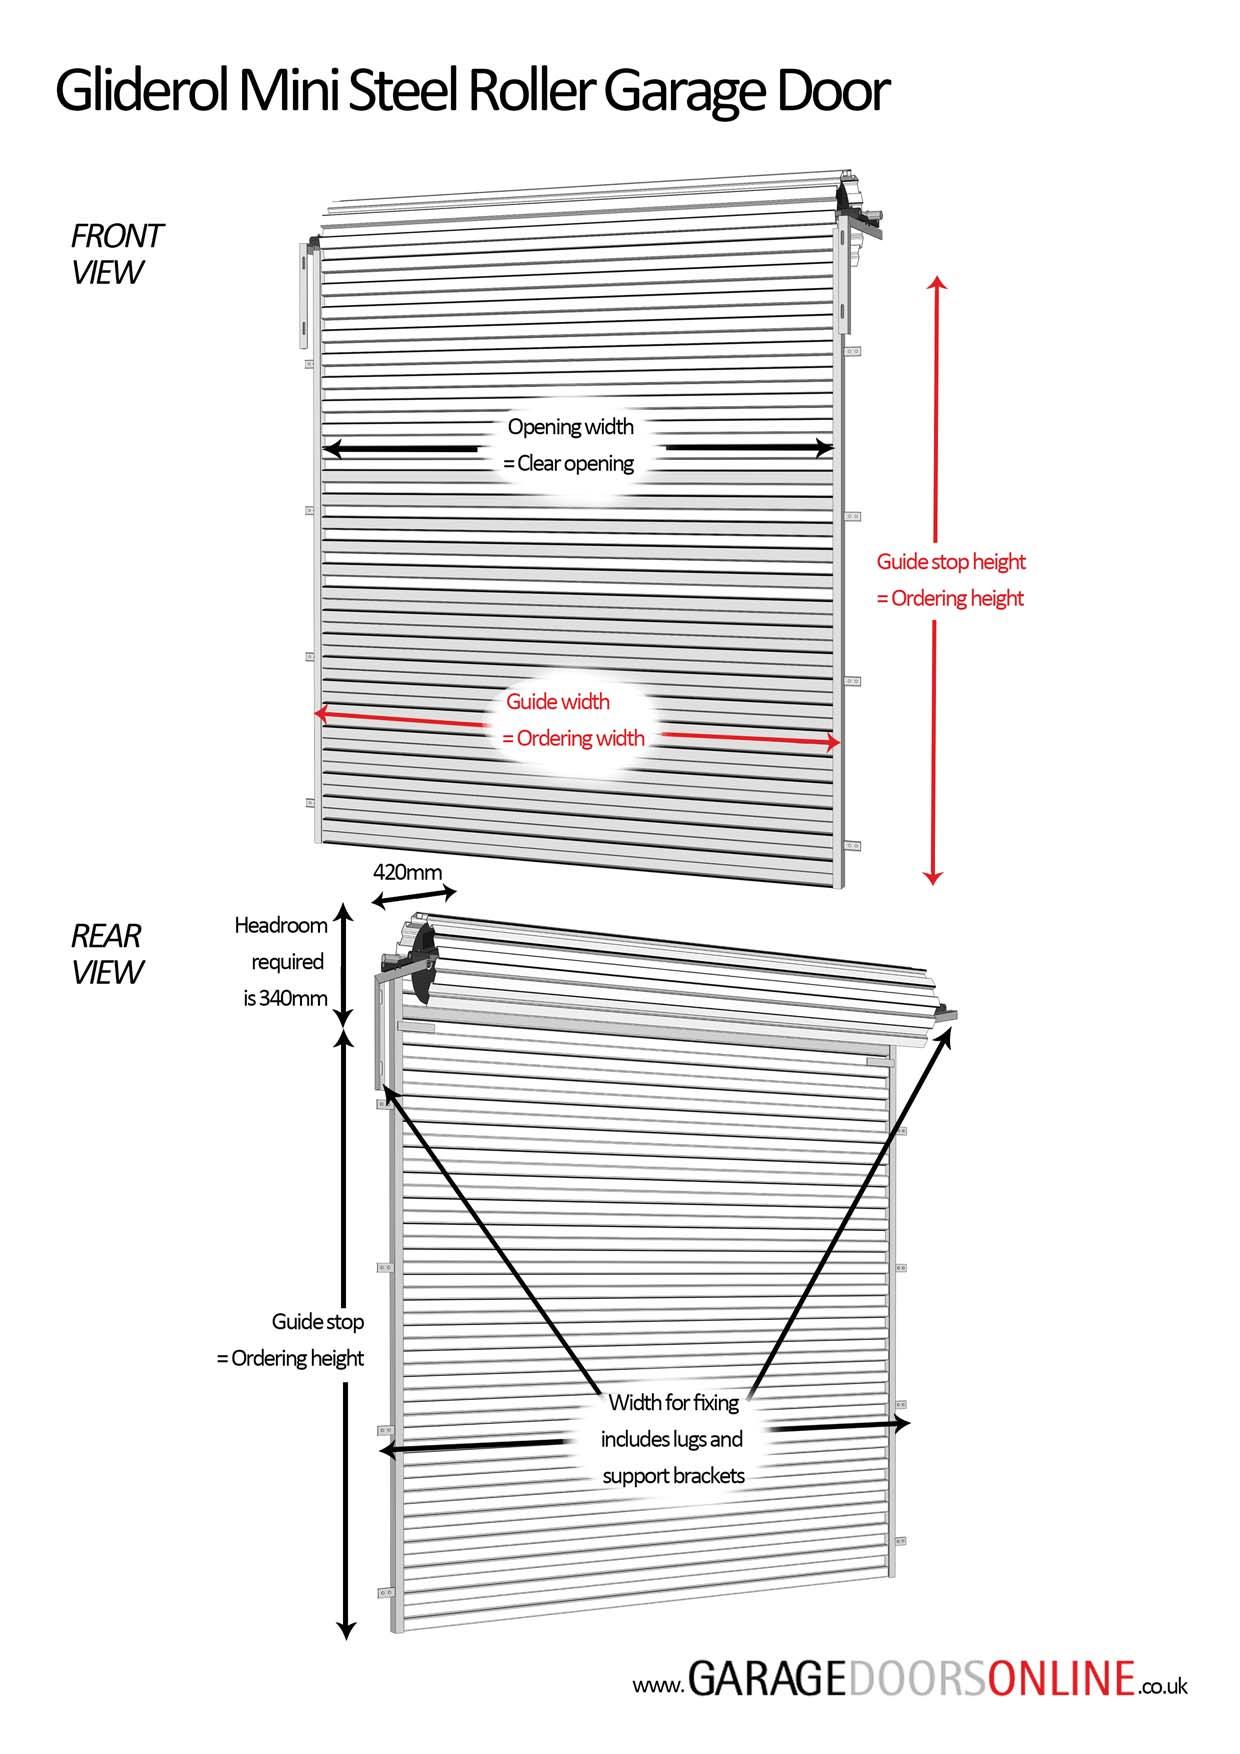 Gliderol Mini Series A Roller Measuring Guide